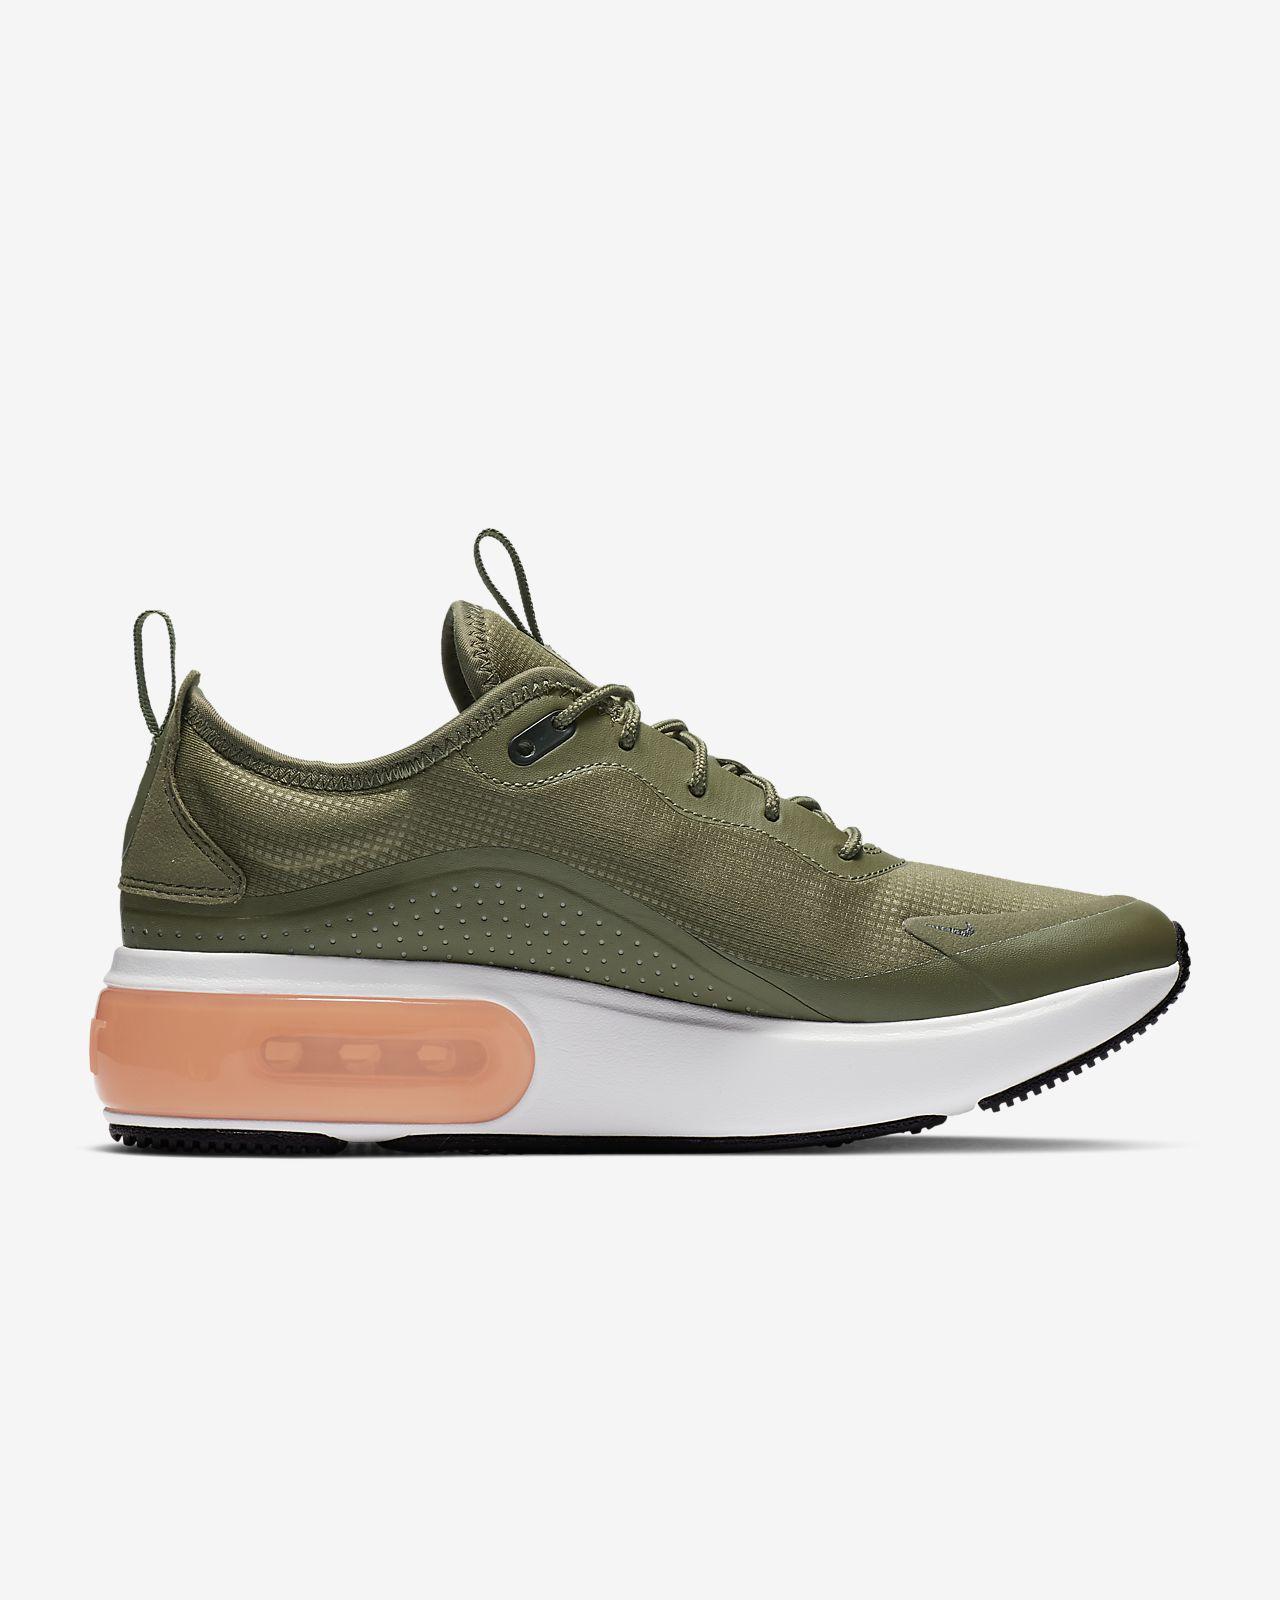 newest b4ec8 9ccd8 ... Nike Air Max Dia Shoe